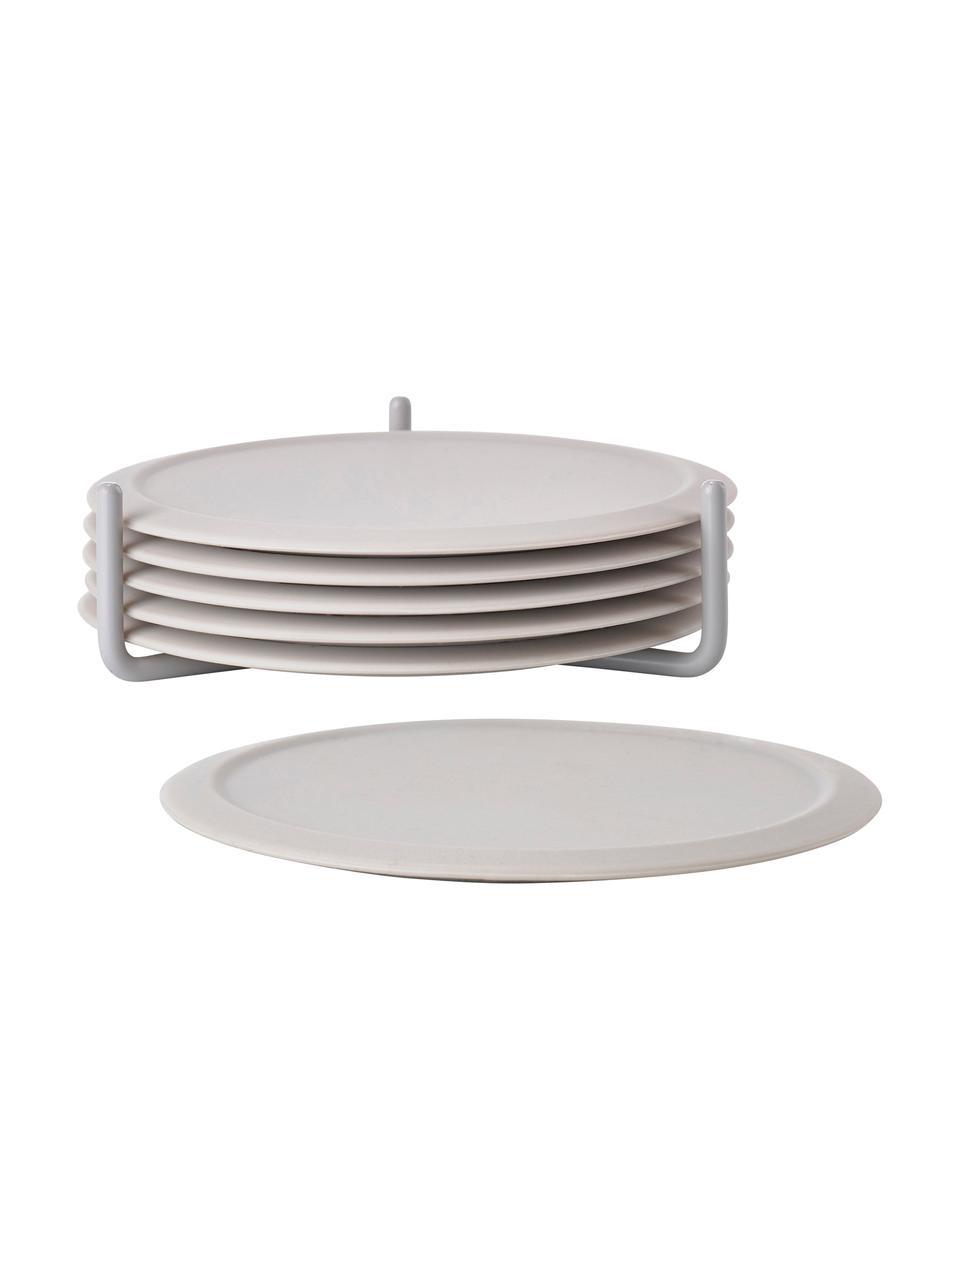 Silikon-Untersetzer Plain mit Halterung, 6 Stück, Untersetzer: Rutschfestes Silikon, Halterung: Metall, Gebrochenes Weiß, Ø 10 cm